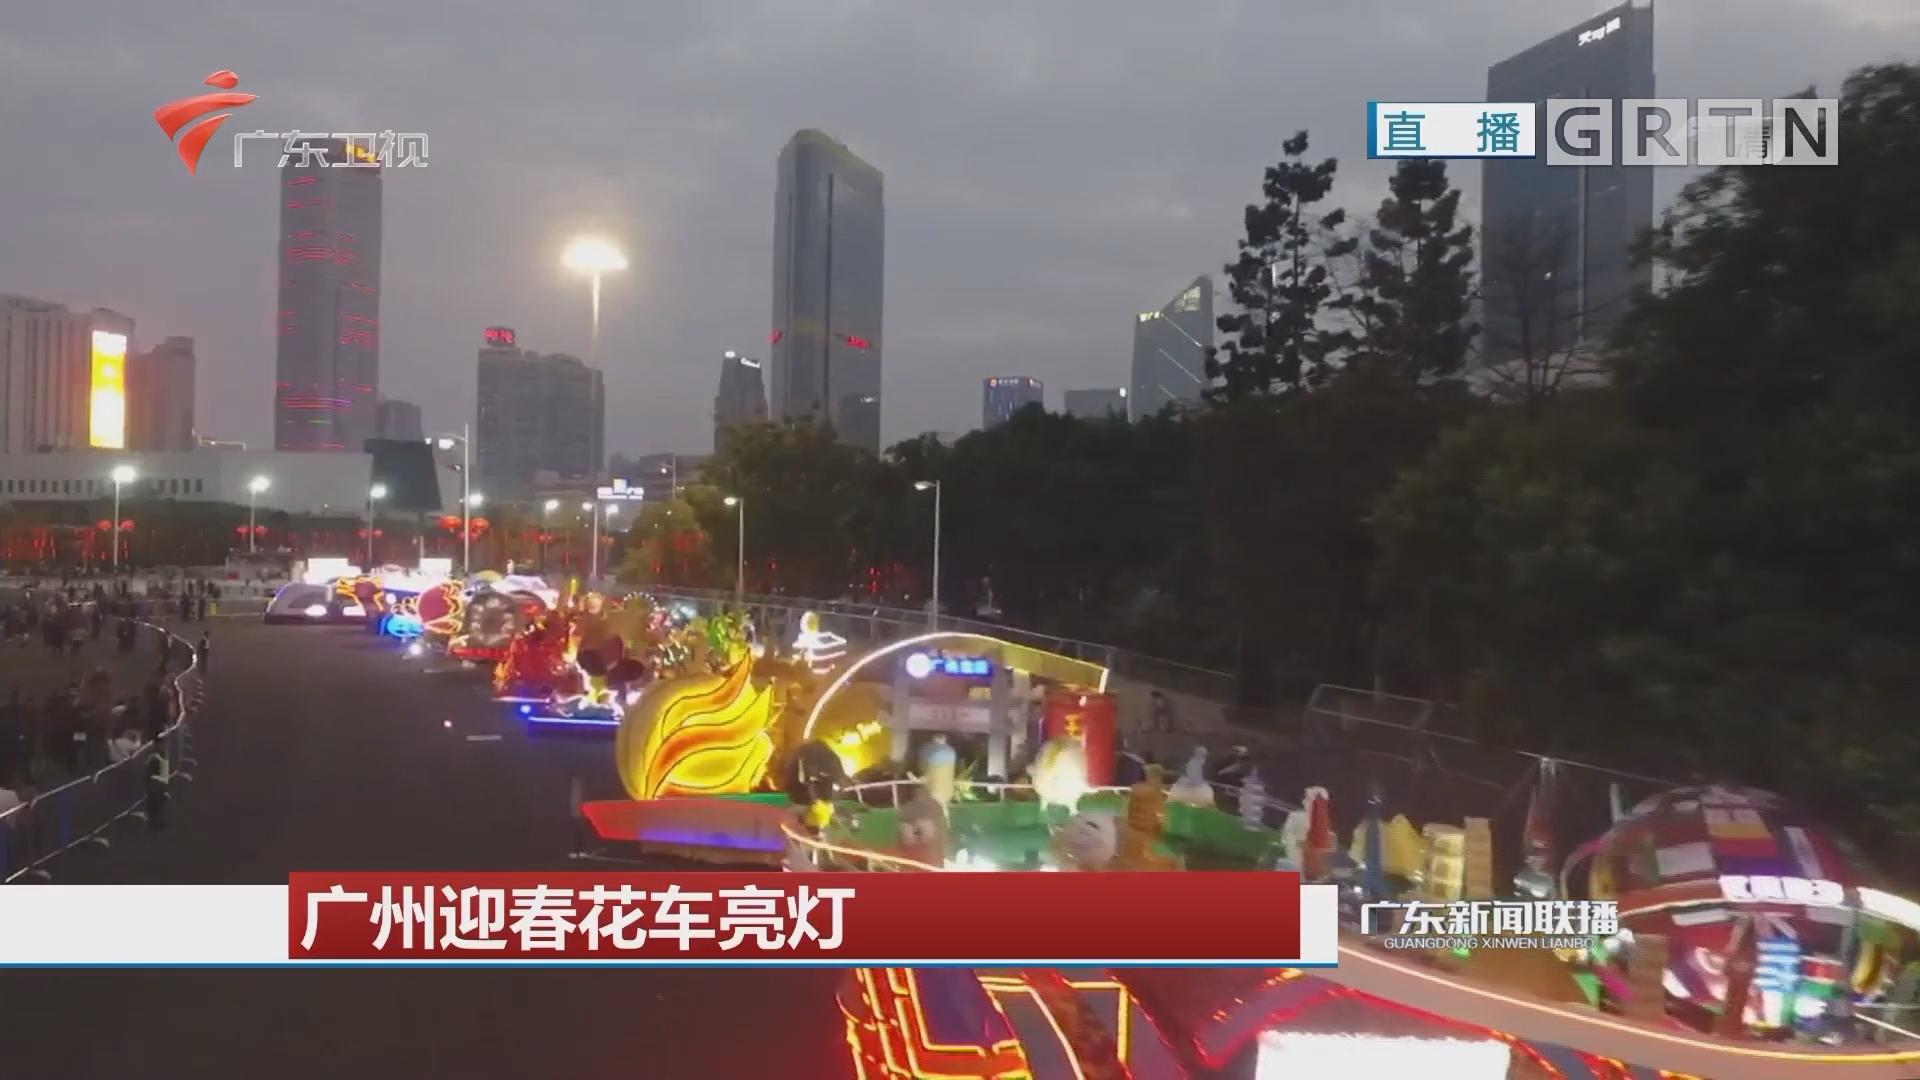 广州迎春花车亮灯